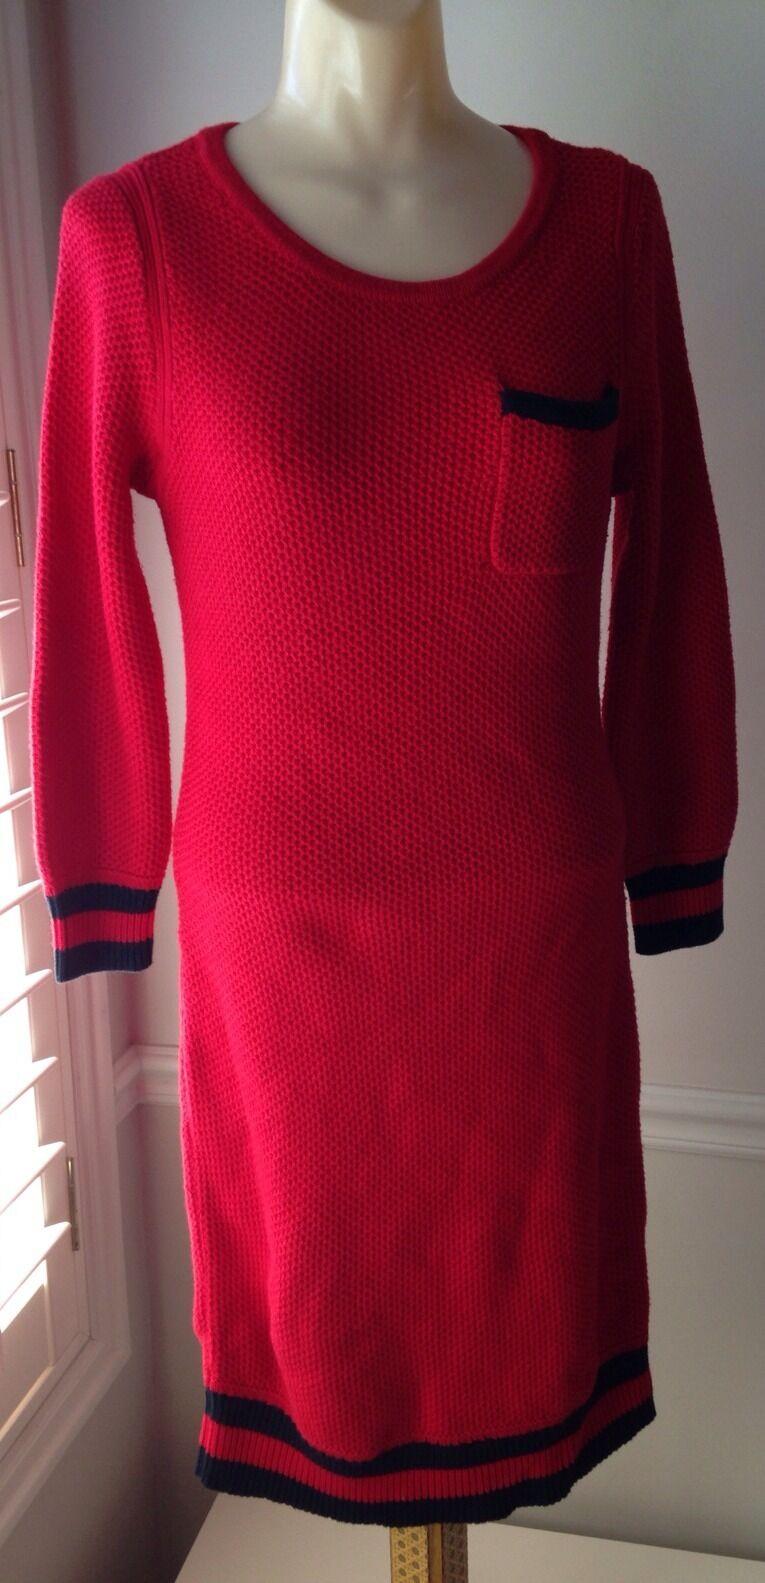 Vestido Vestido Vestido Jersey Rojo RAG & BONE-Tamaño Pequeño-Nuevo con etiquetas a85c87